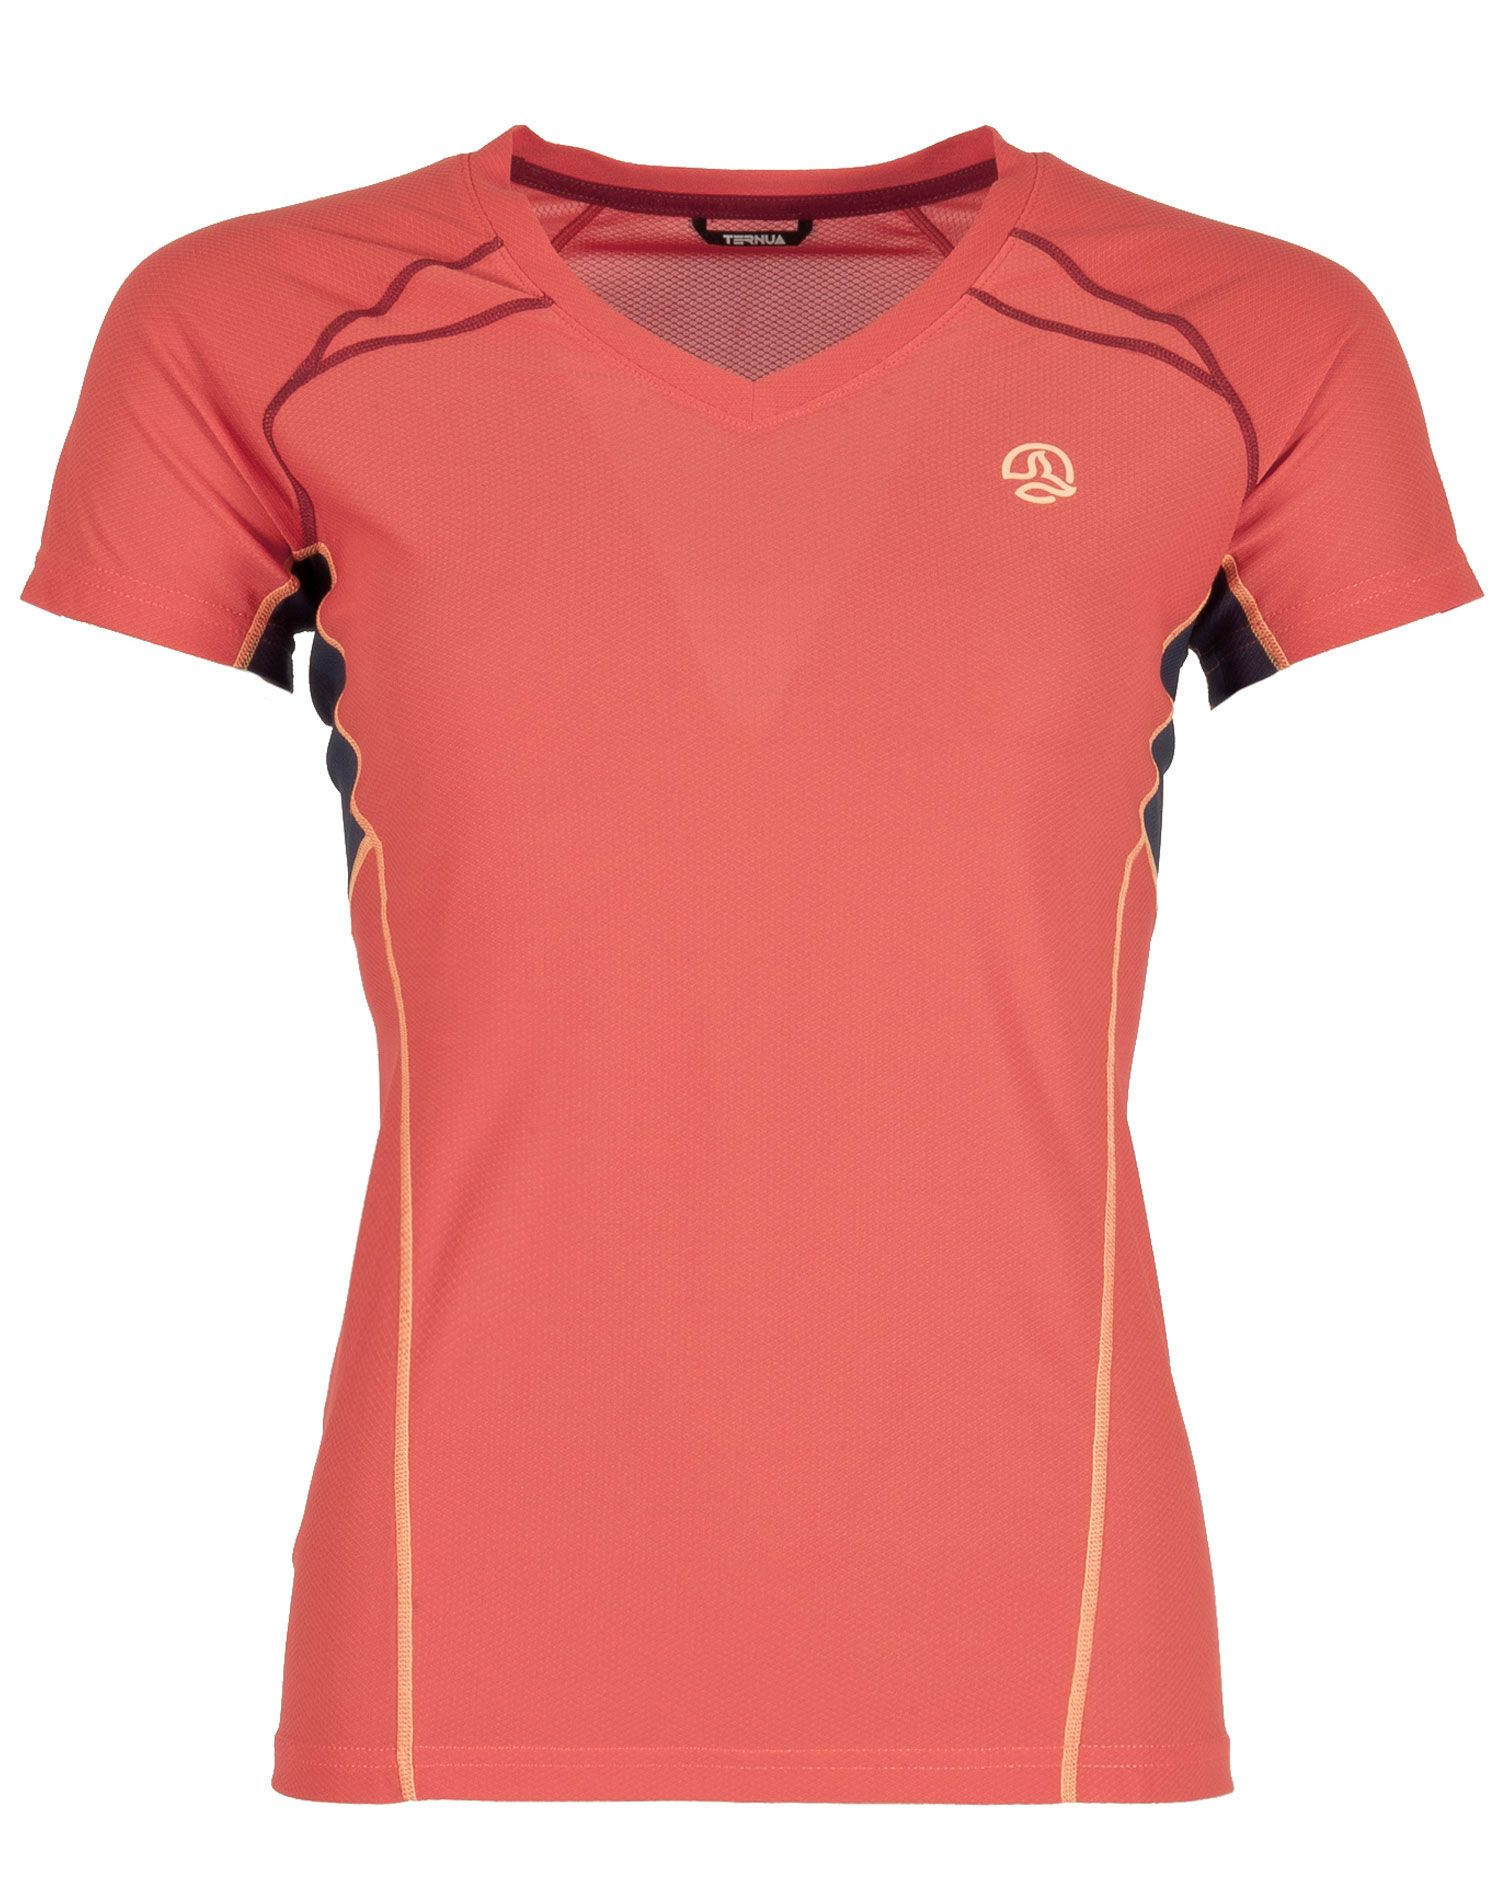 Ternua Kanpu - T-shirt - Women's